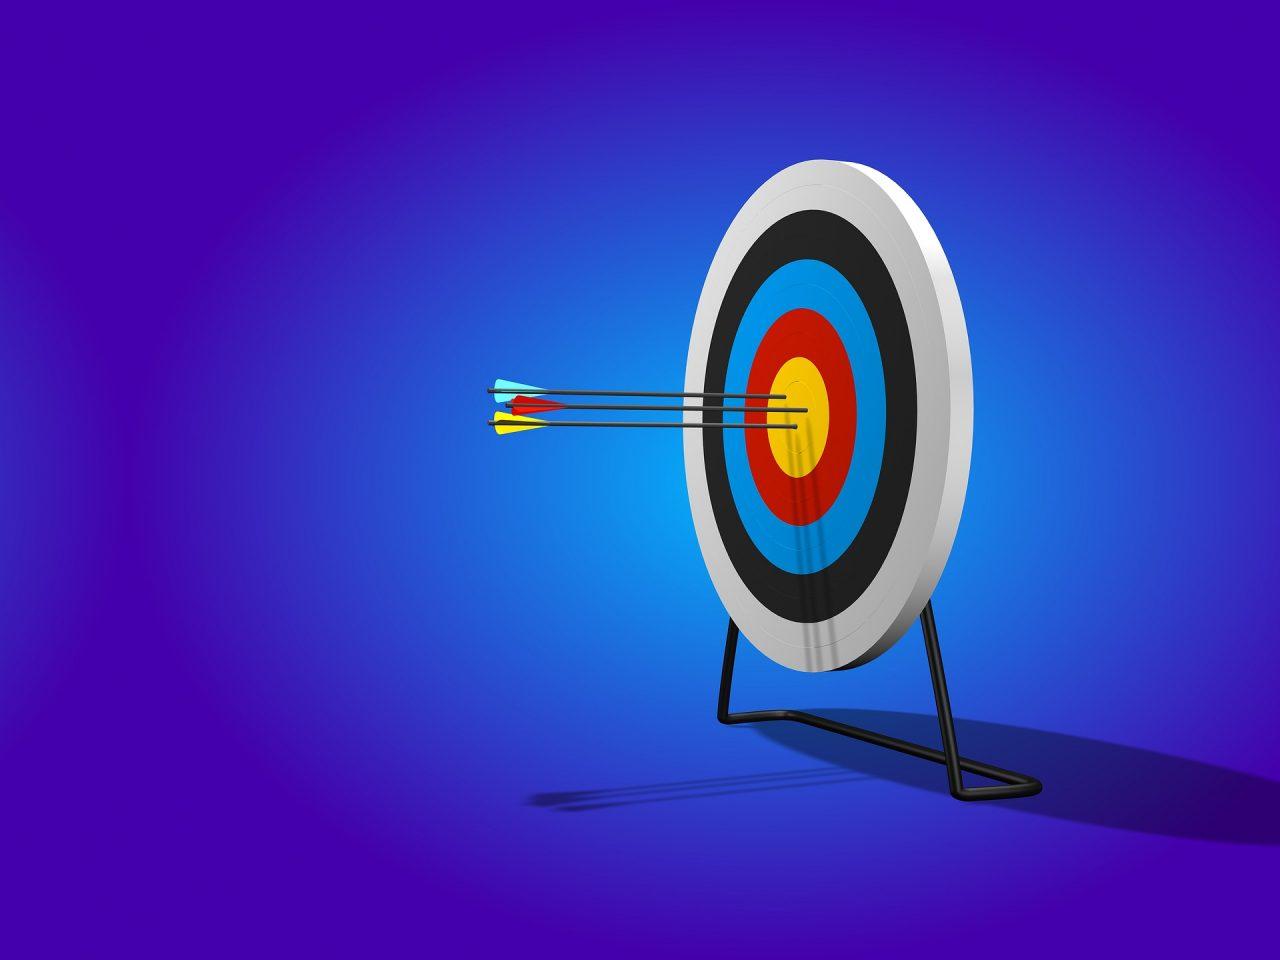 arrow-2889040_1920-1280x960.jpg